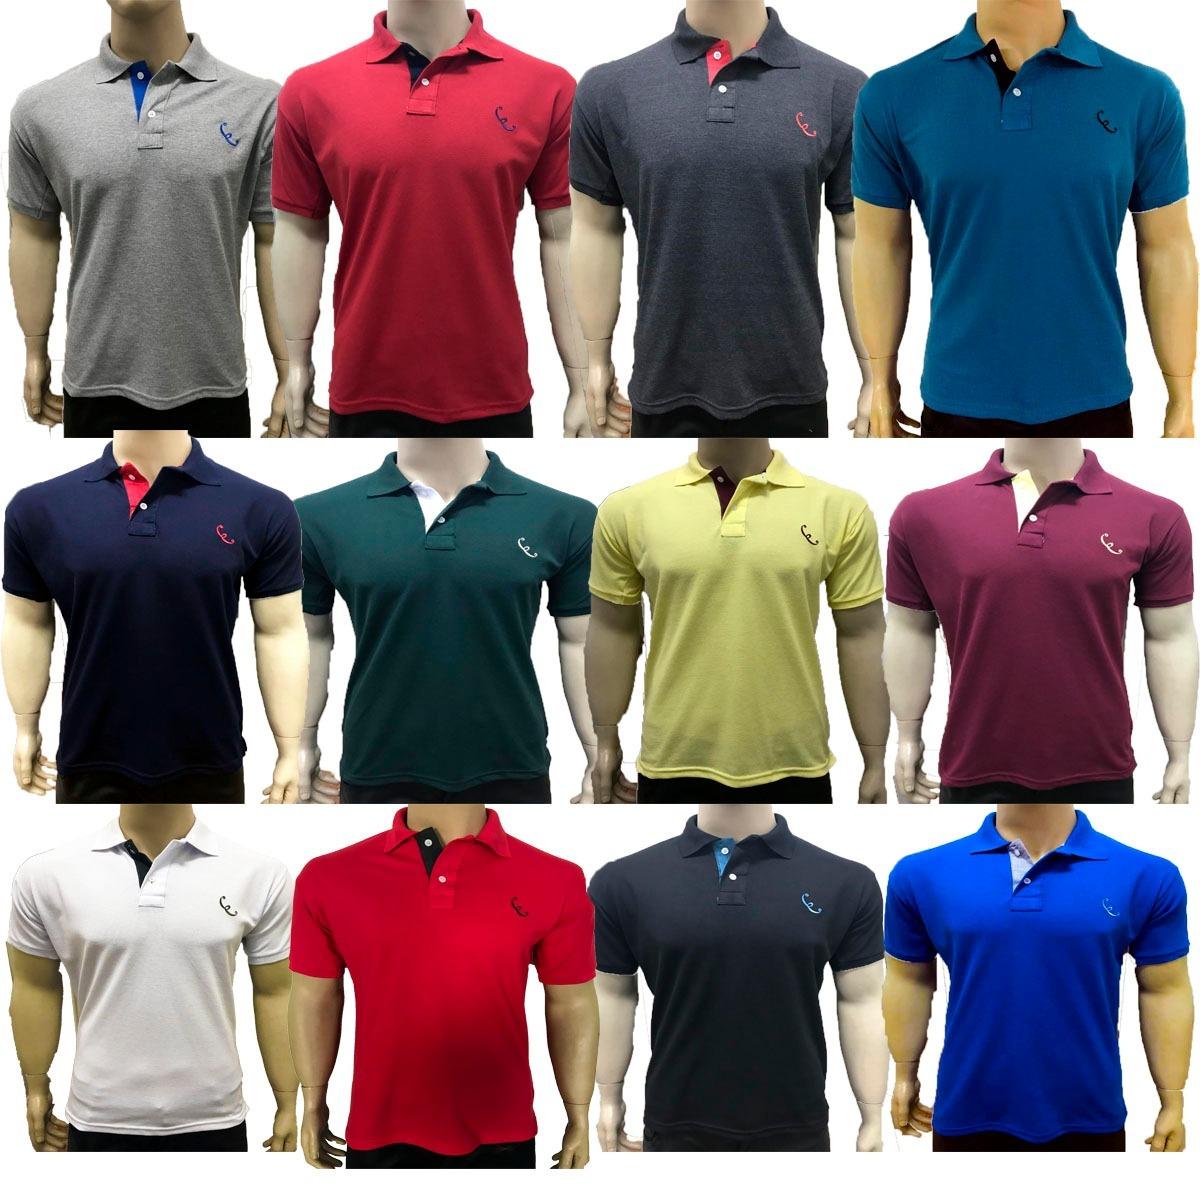 0d73c233df Kit C  6 Camisetas Atacdo Gola Polo Grandes Marcas Barato - R  119 ...